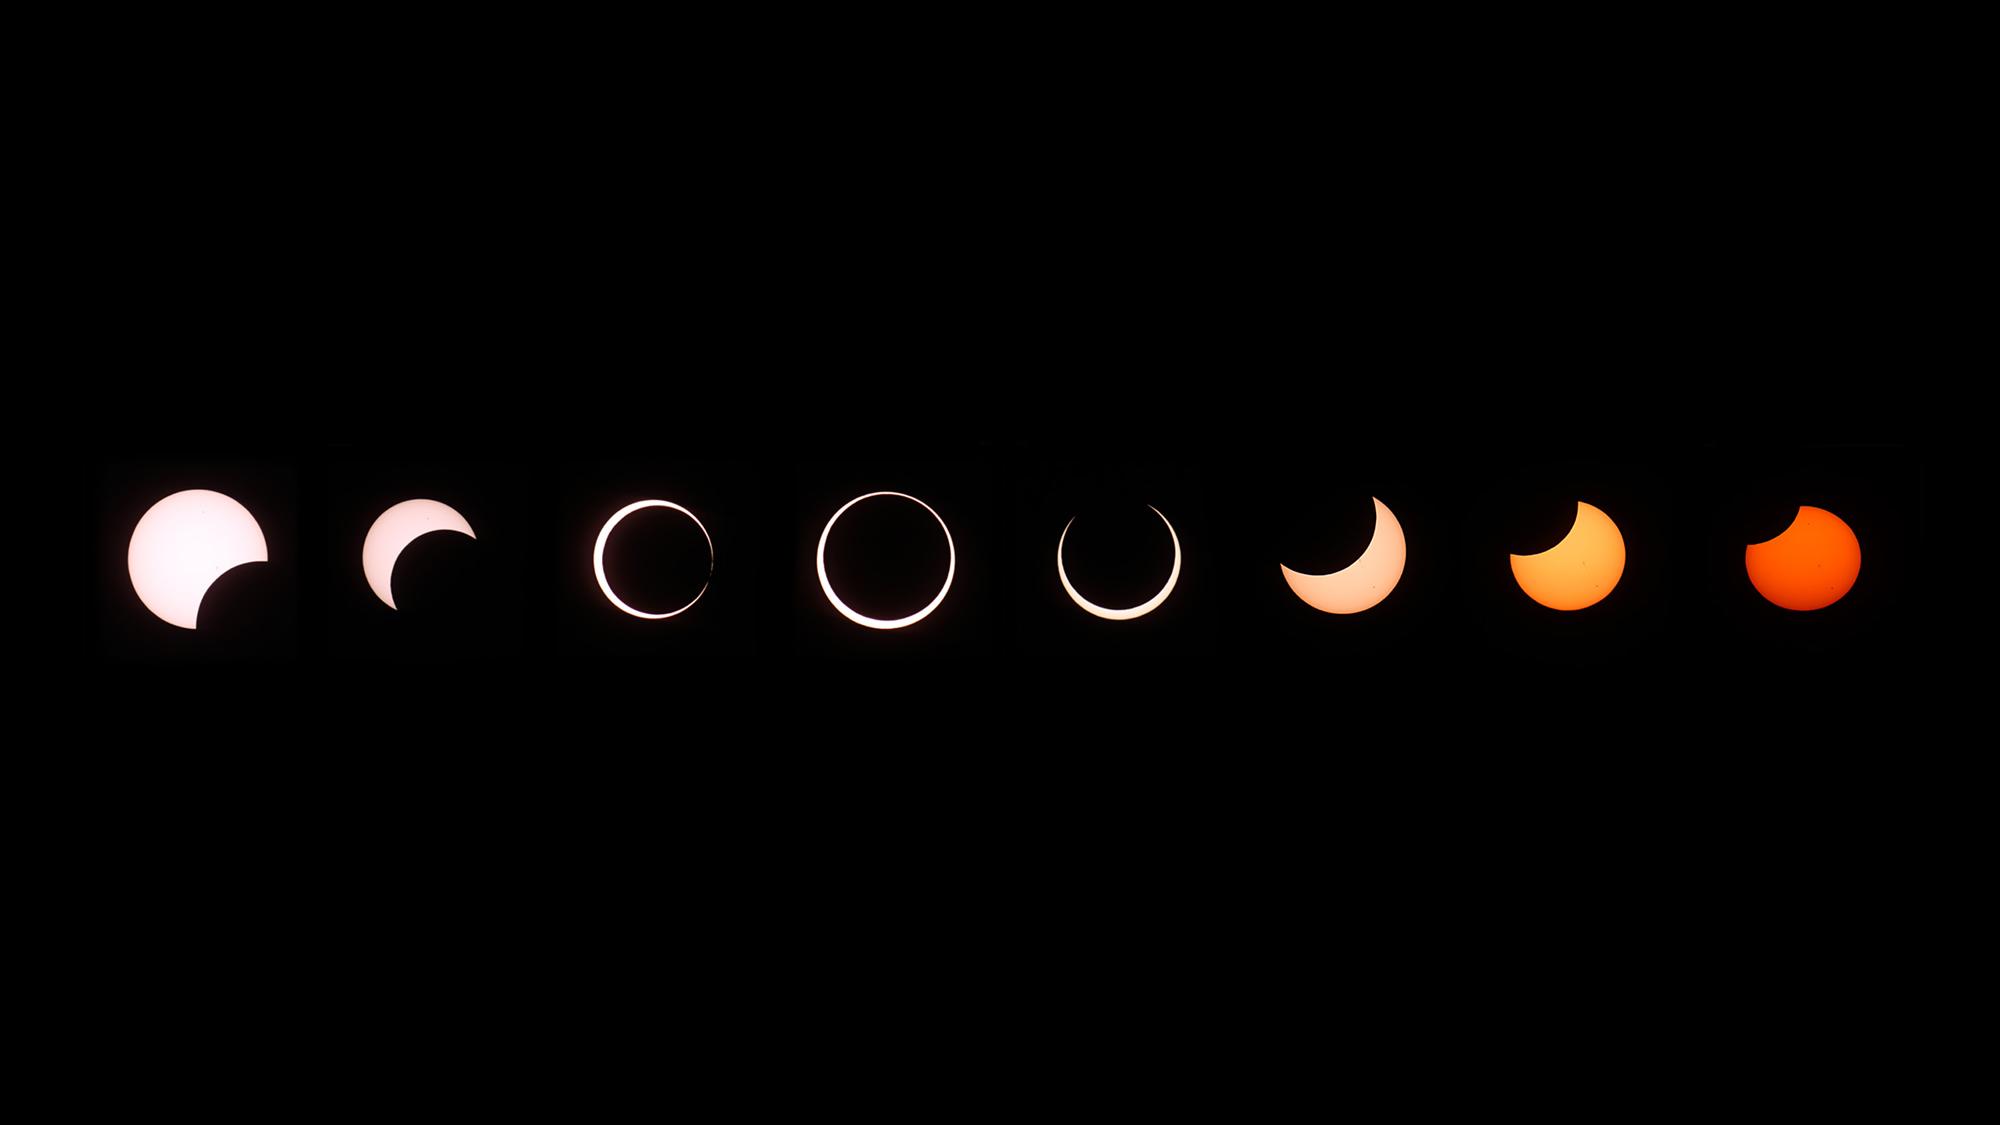 Un composite d'images d'une éclipse solaire annulaire montre plusieurs étapes, de gauche à droite, lorsque la lune passe devant le soleil.